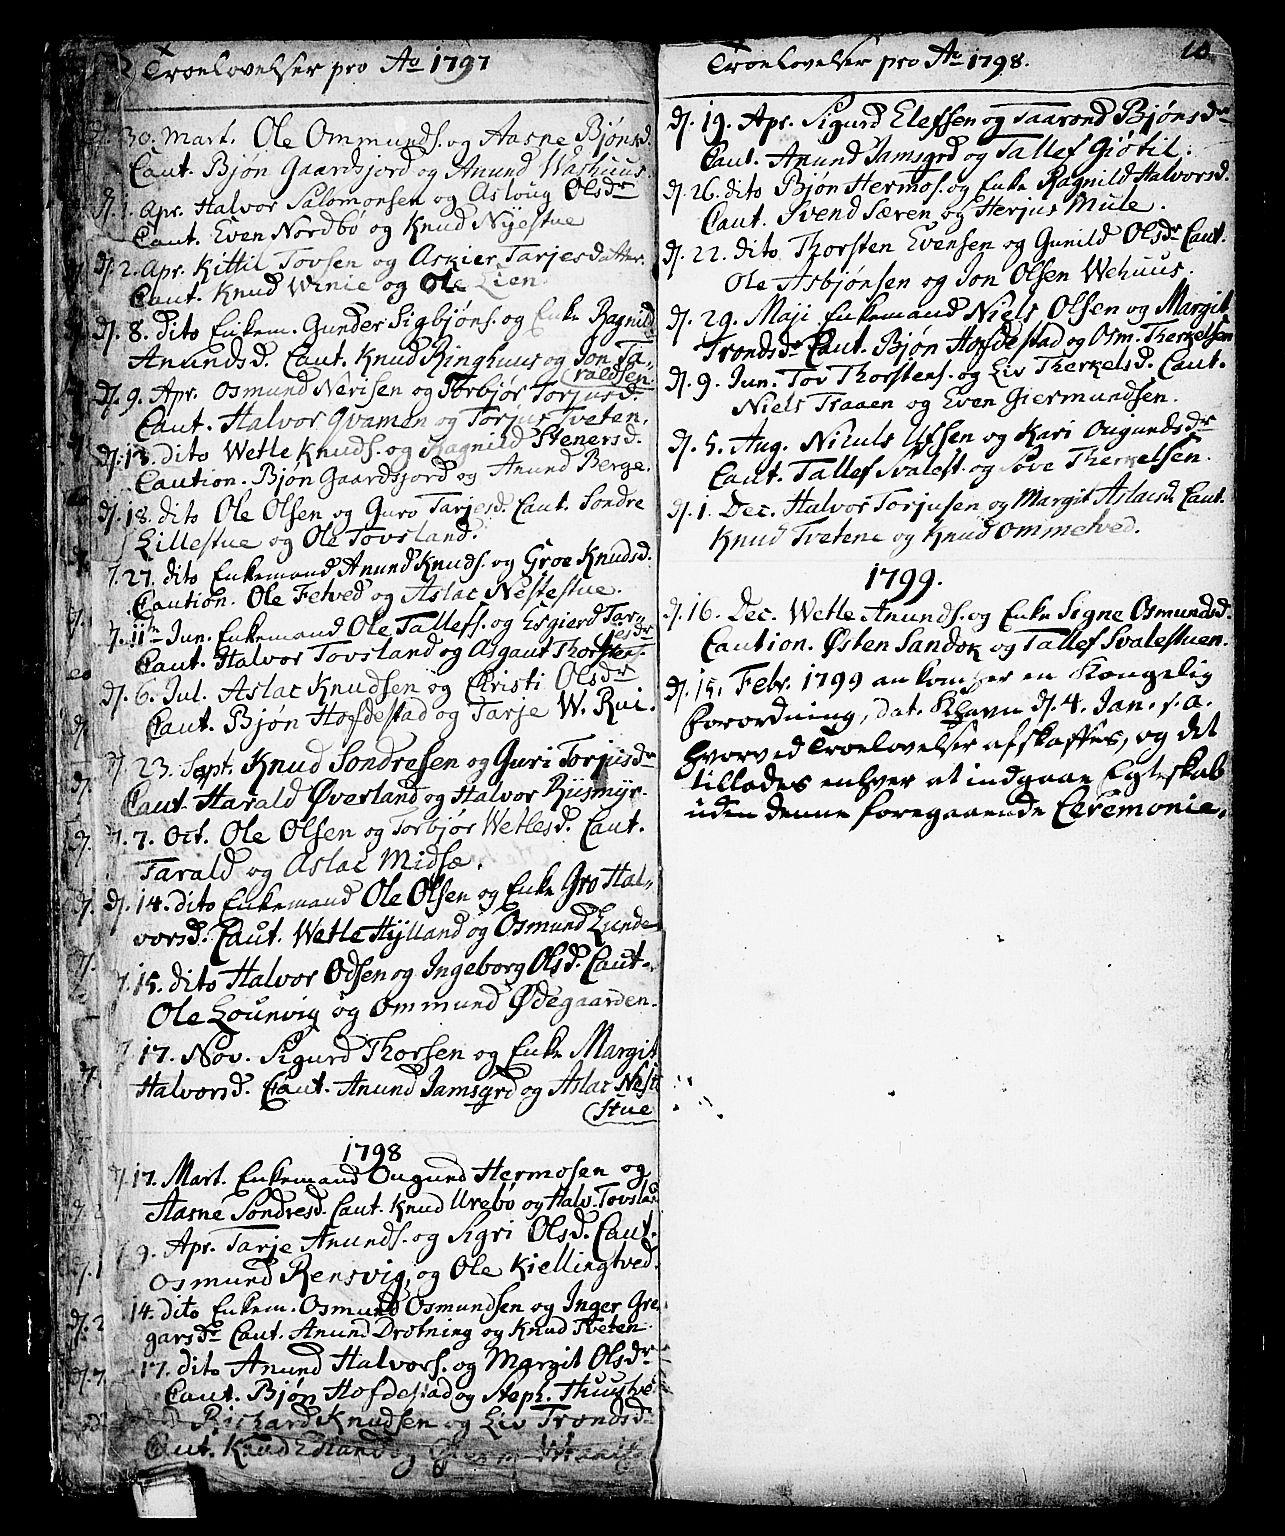 SAKO, Vinje kirkebøker, F/Fa/L0002: Ministerialbok nr. I 2, 1767-1814, s. 10